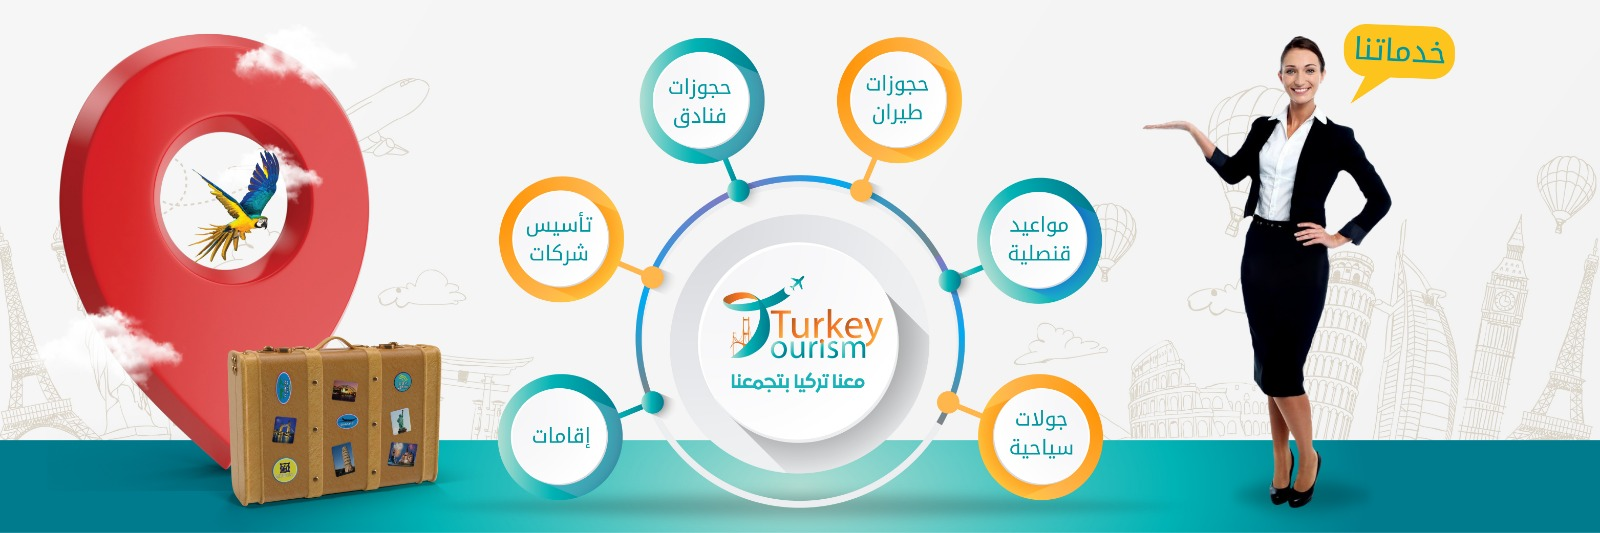 OUR SERVICES-TURKEY TOURISM